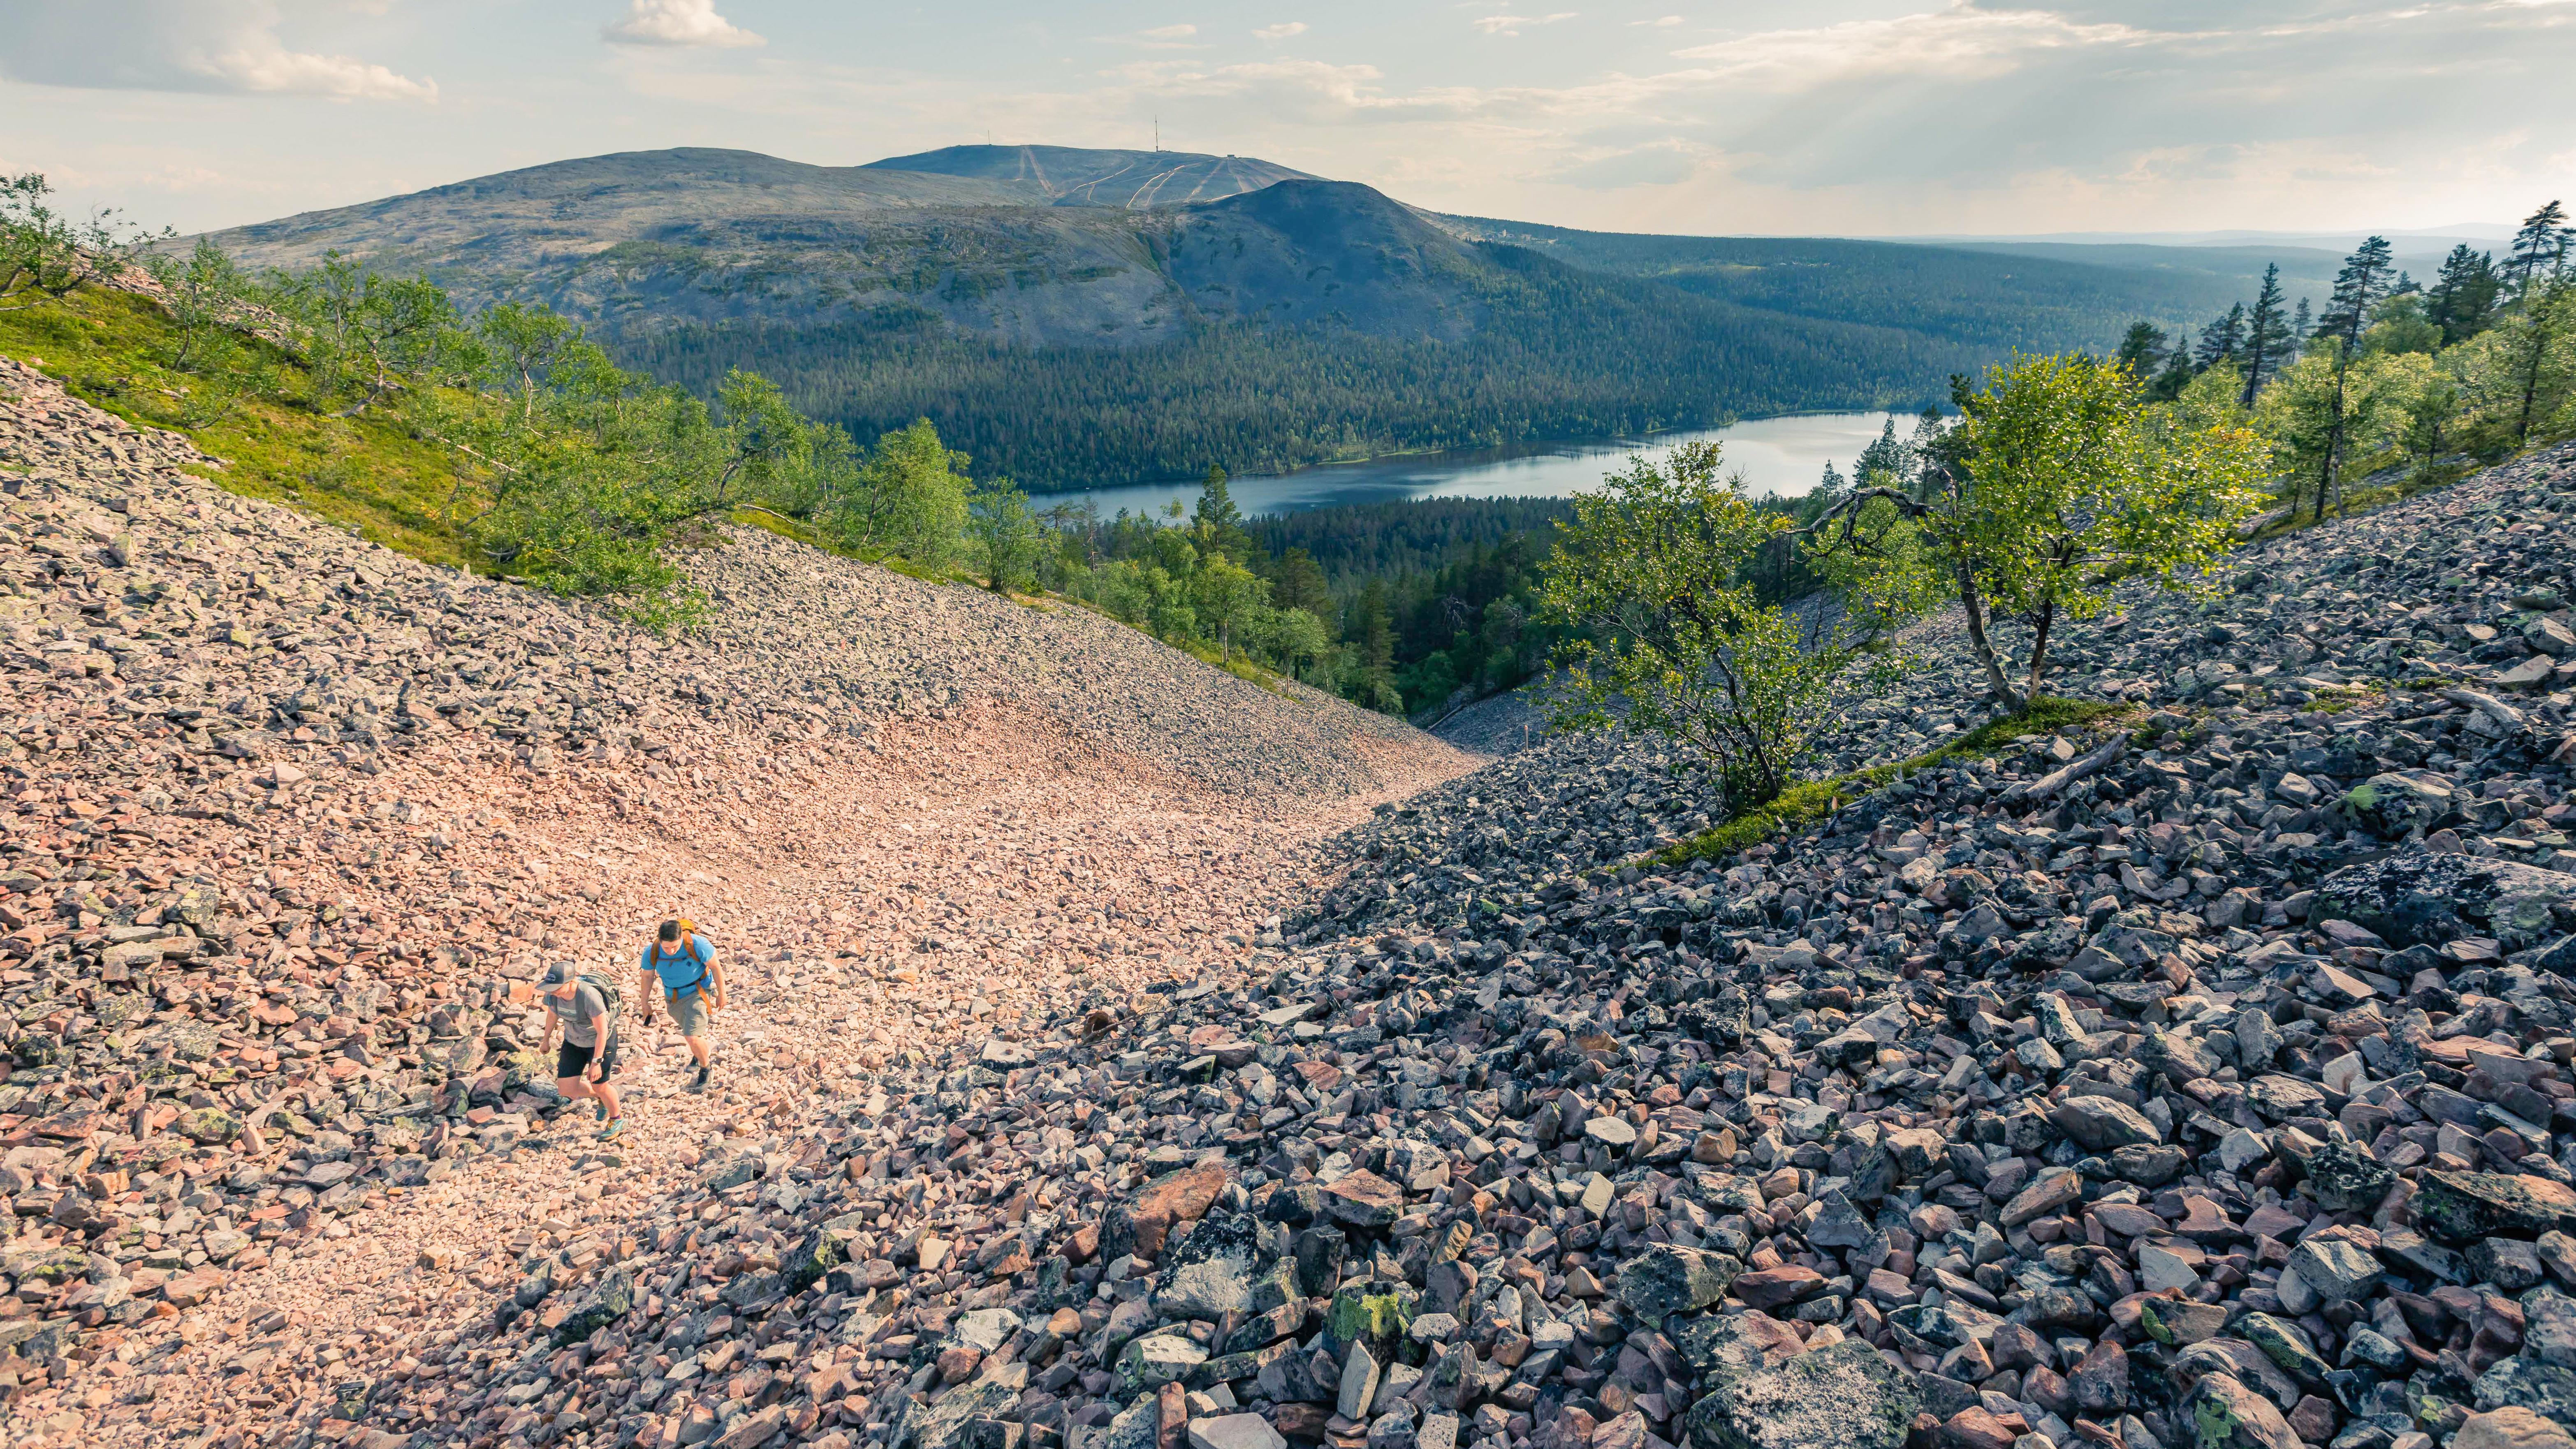 Pirunkuru gorge to Kesänkitunturi Fell